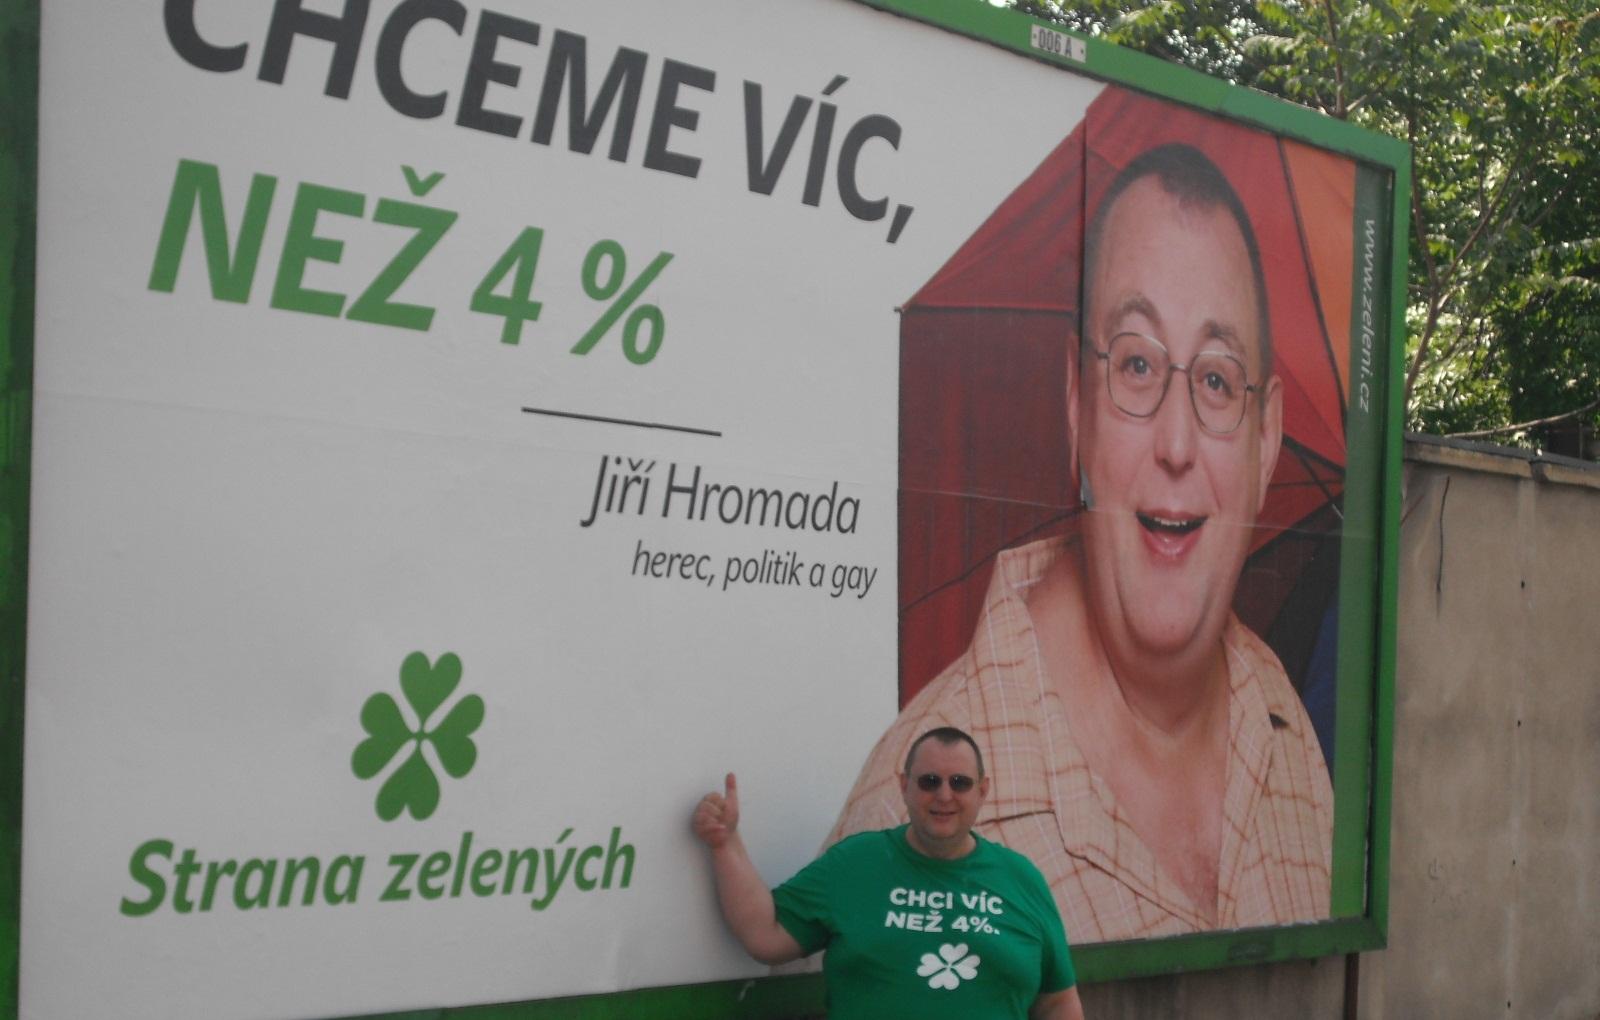 Jiří Hromada - Kandidát - Billboard